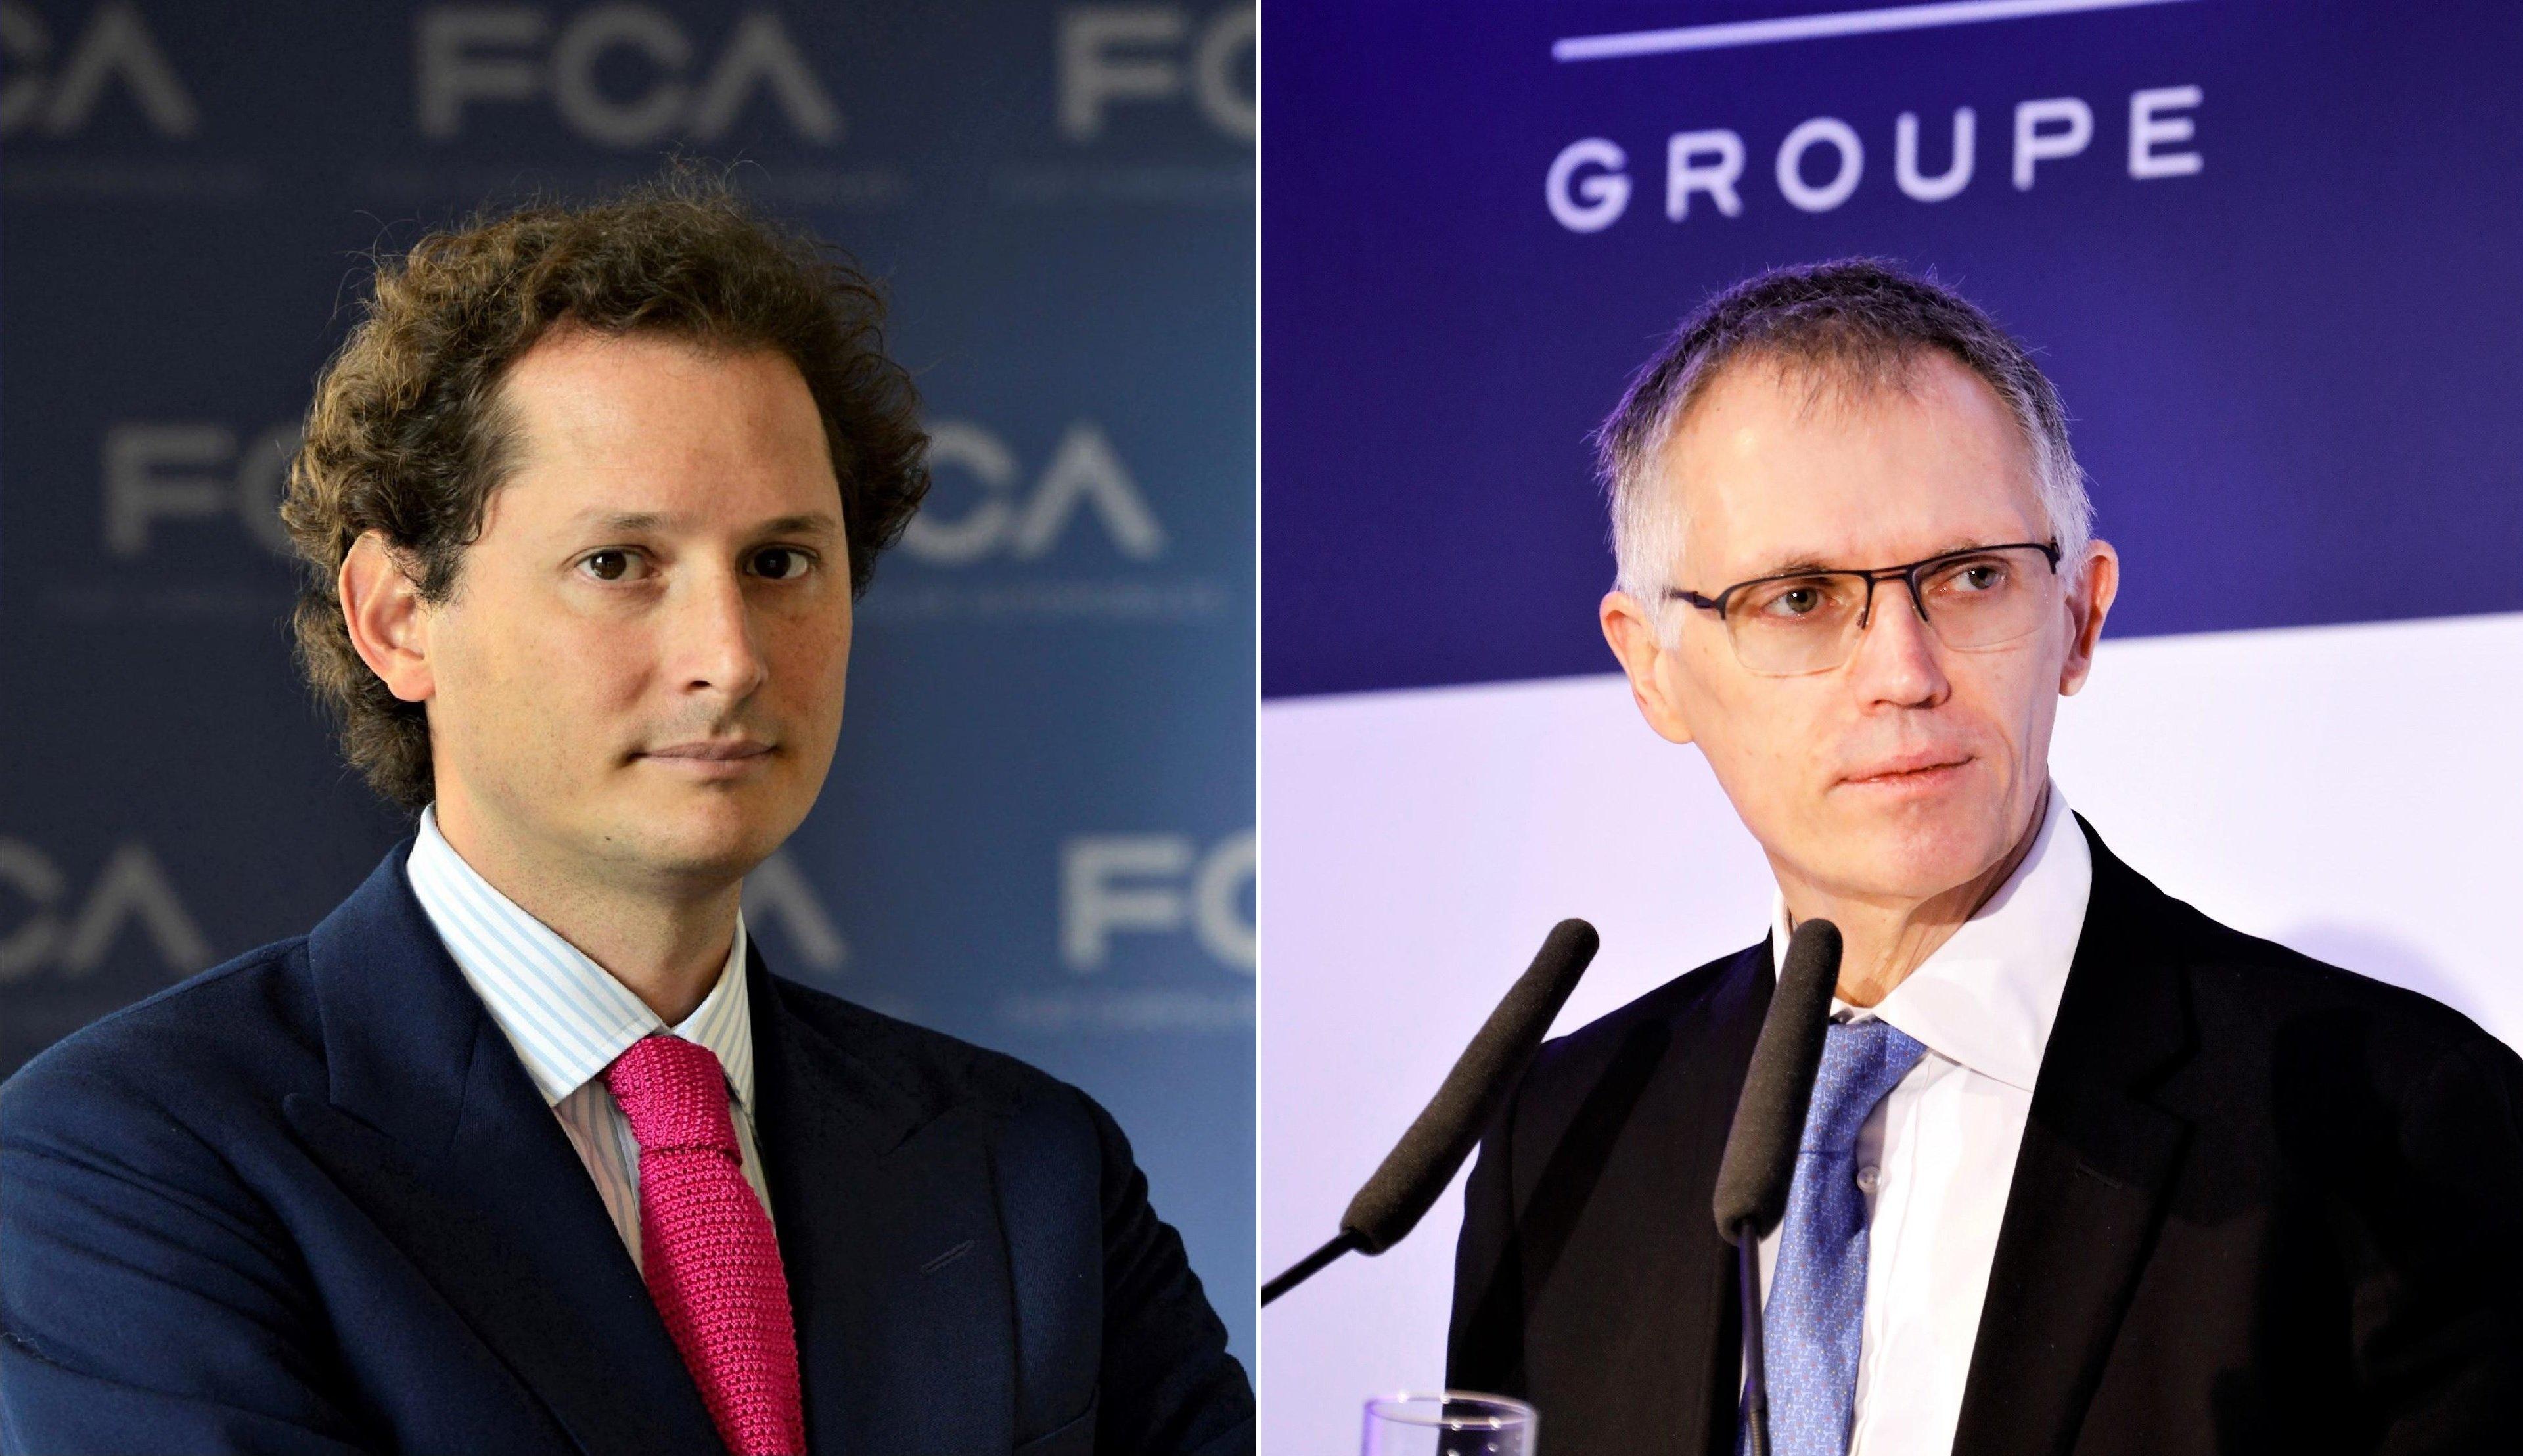 John Elkann (FCA) y Carlos Tavares (PSA) serán presidente y CEO del nuevo grupo, respectivamente